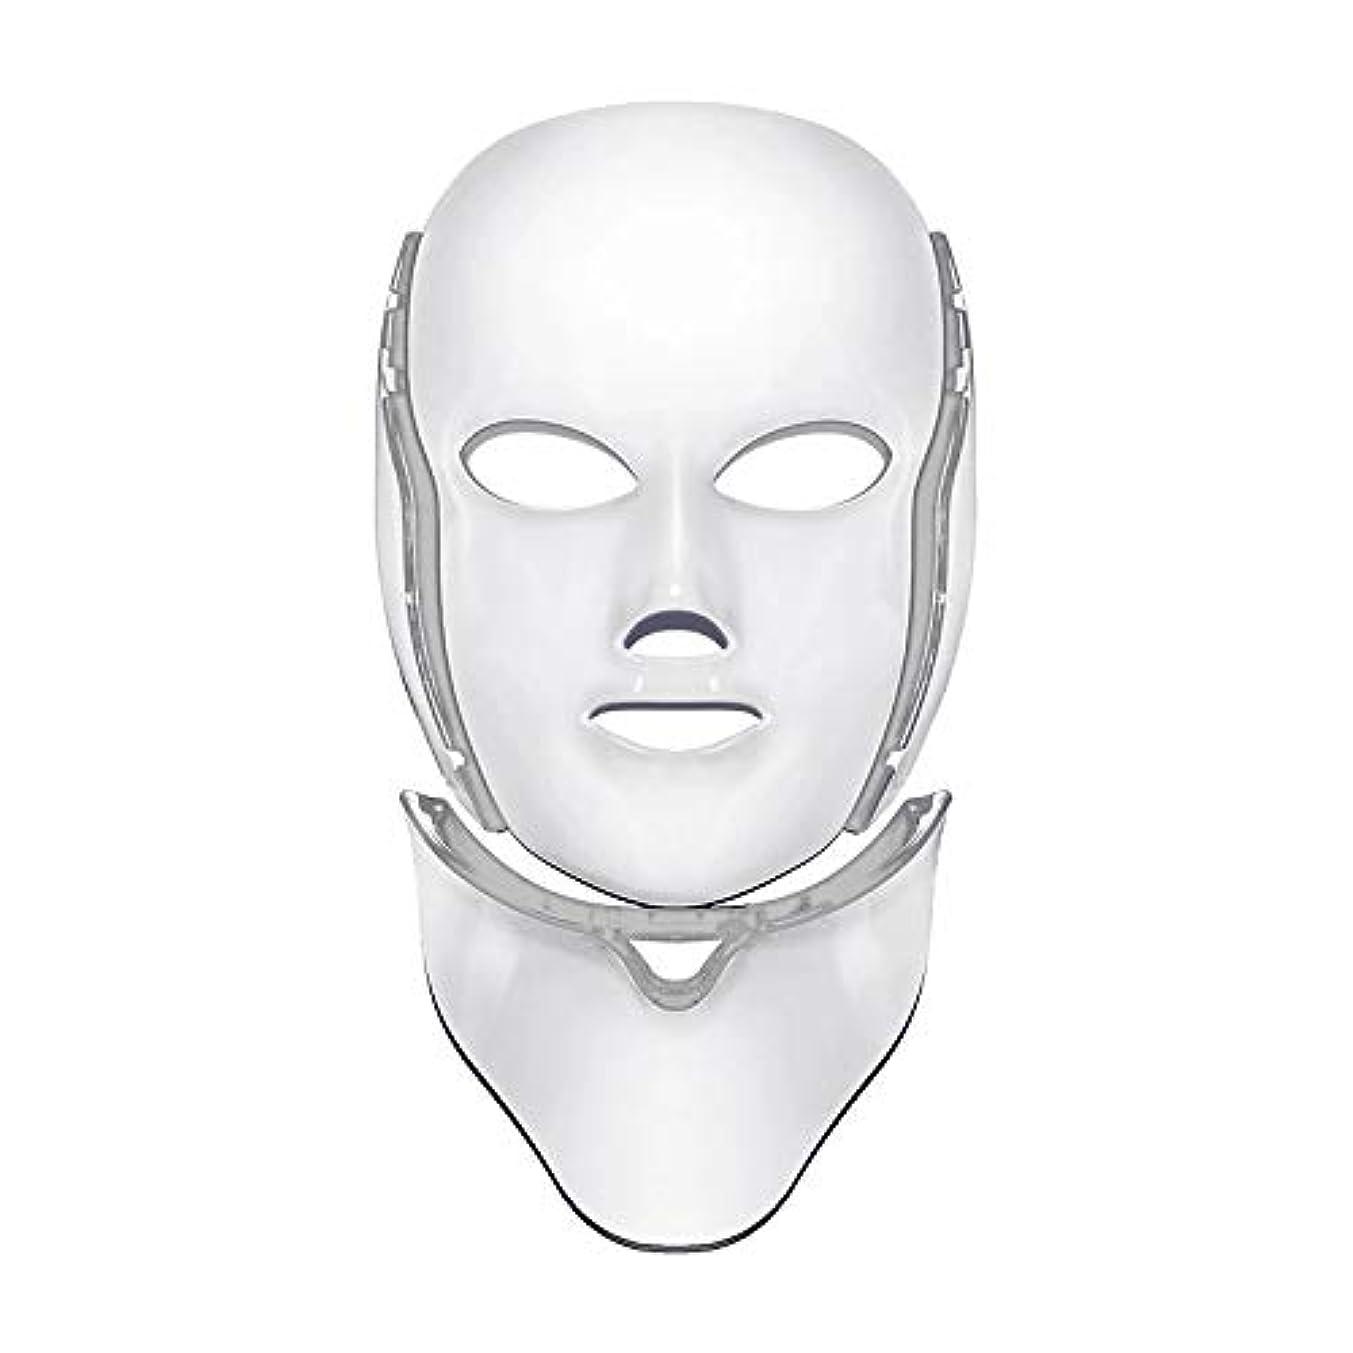 紳士気取りの、きざなオプション検索エンジン最適化首/軽い皮の若返り療法の顔のスキンケアのマスクが付いているLED 7色の軽い療法のマスク